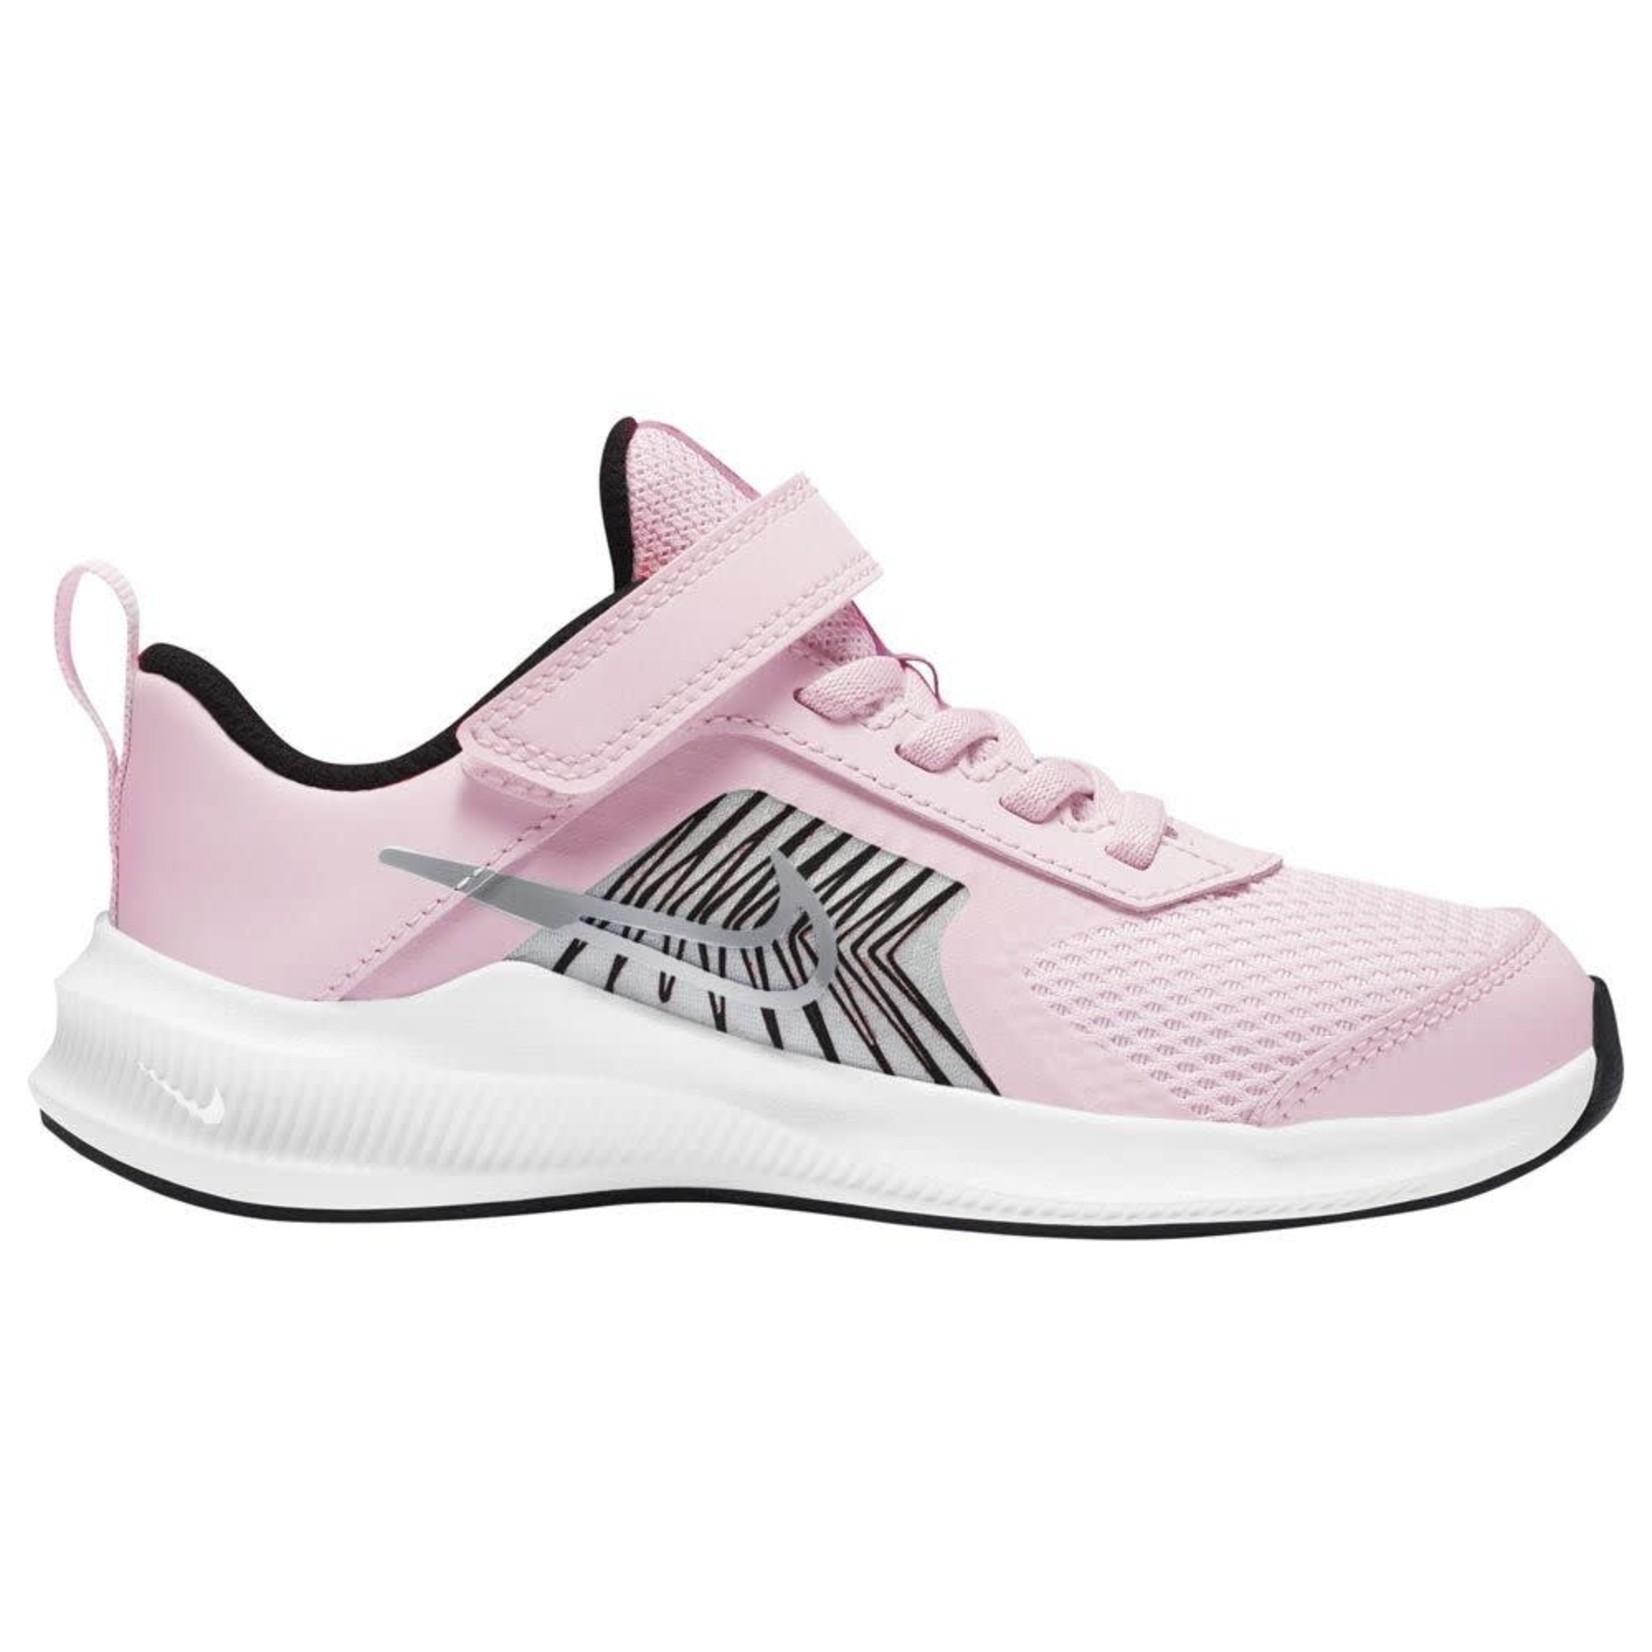 Nike Nike Running Shoes, Downshifter 11, Girls